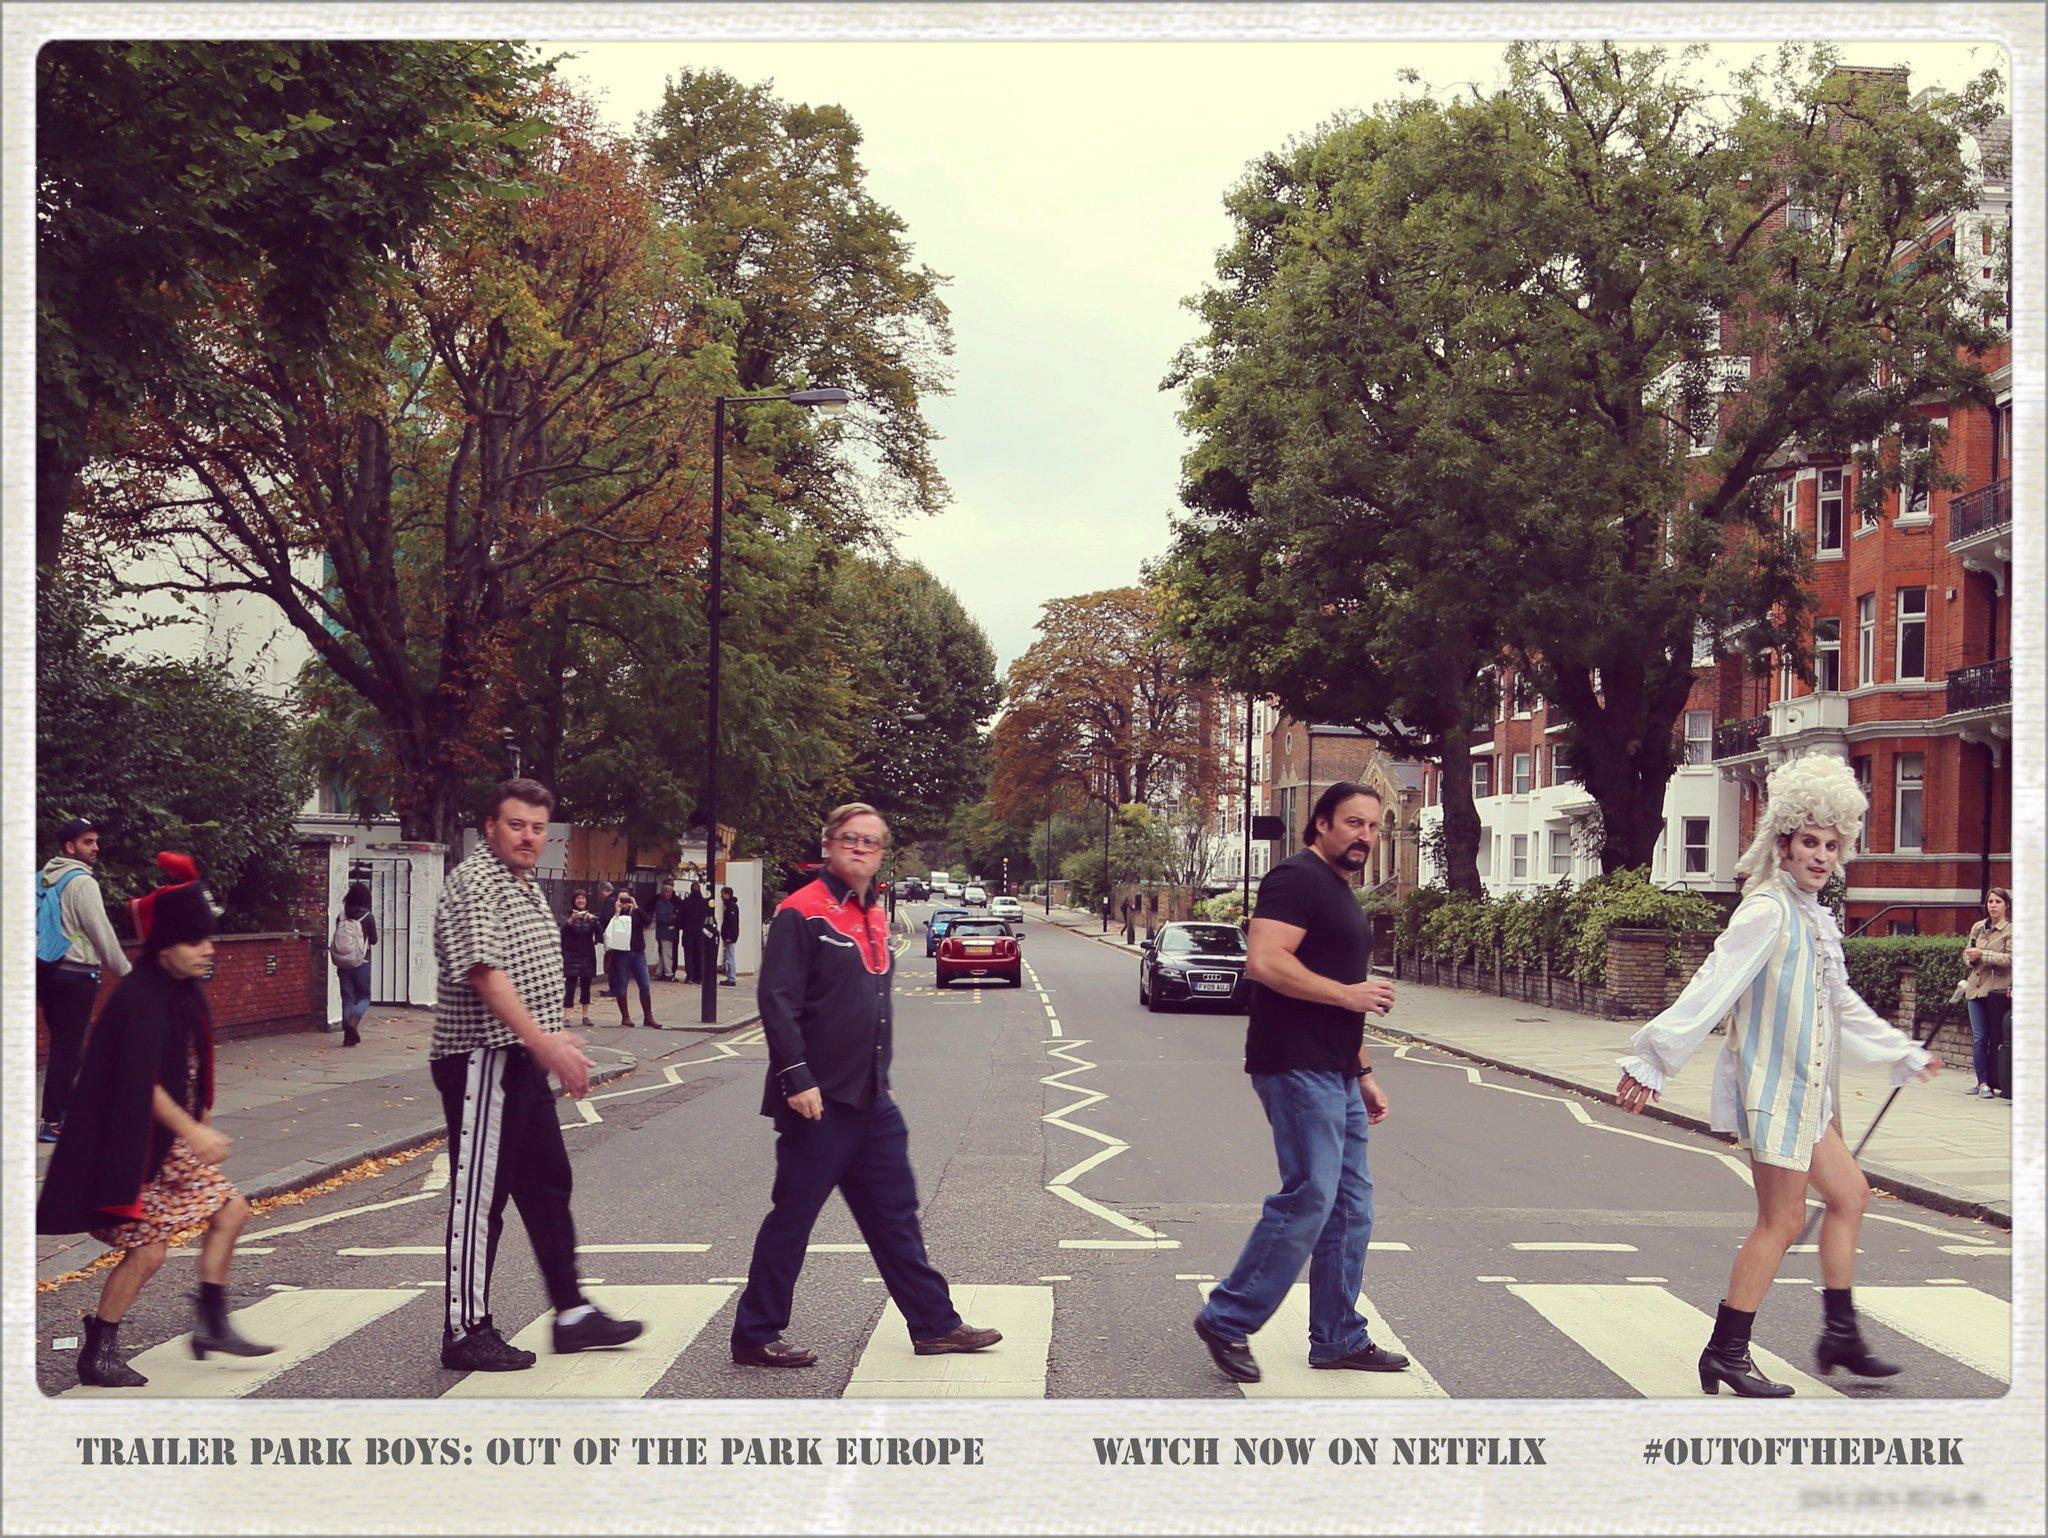 Noel Fielding Trailer Park Boys